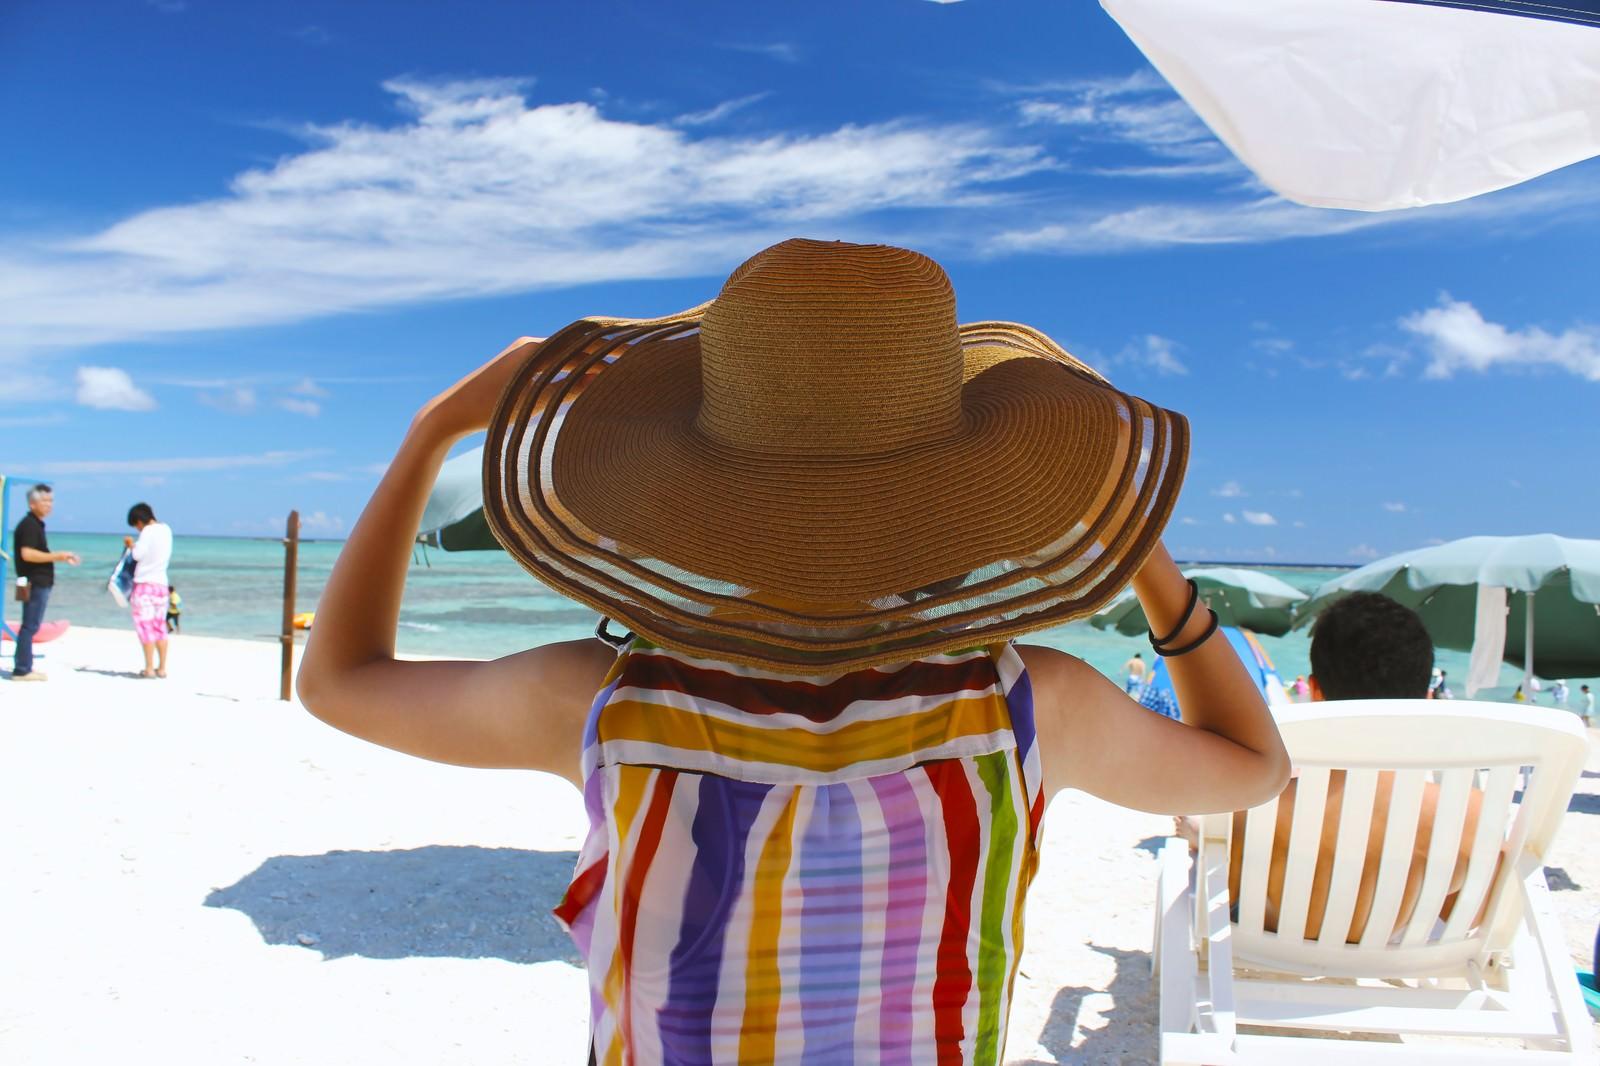 「沖縄の海と麦わら帽子沖縄の海と麦わら帽子」のフリー写真素材を拡大